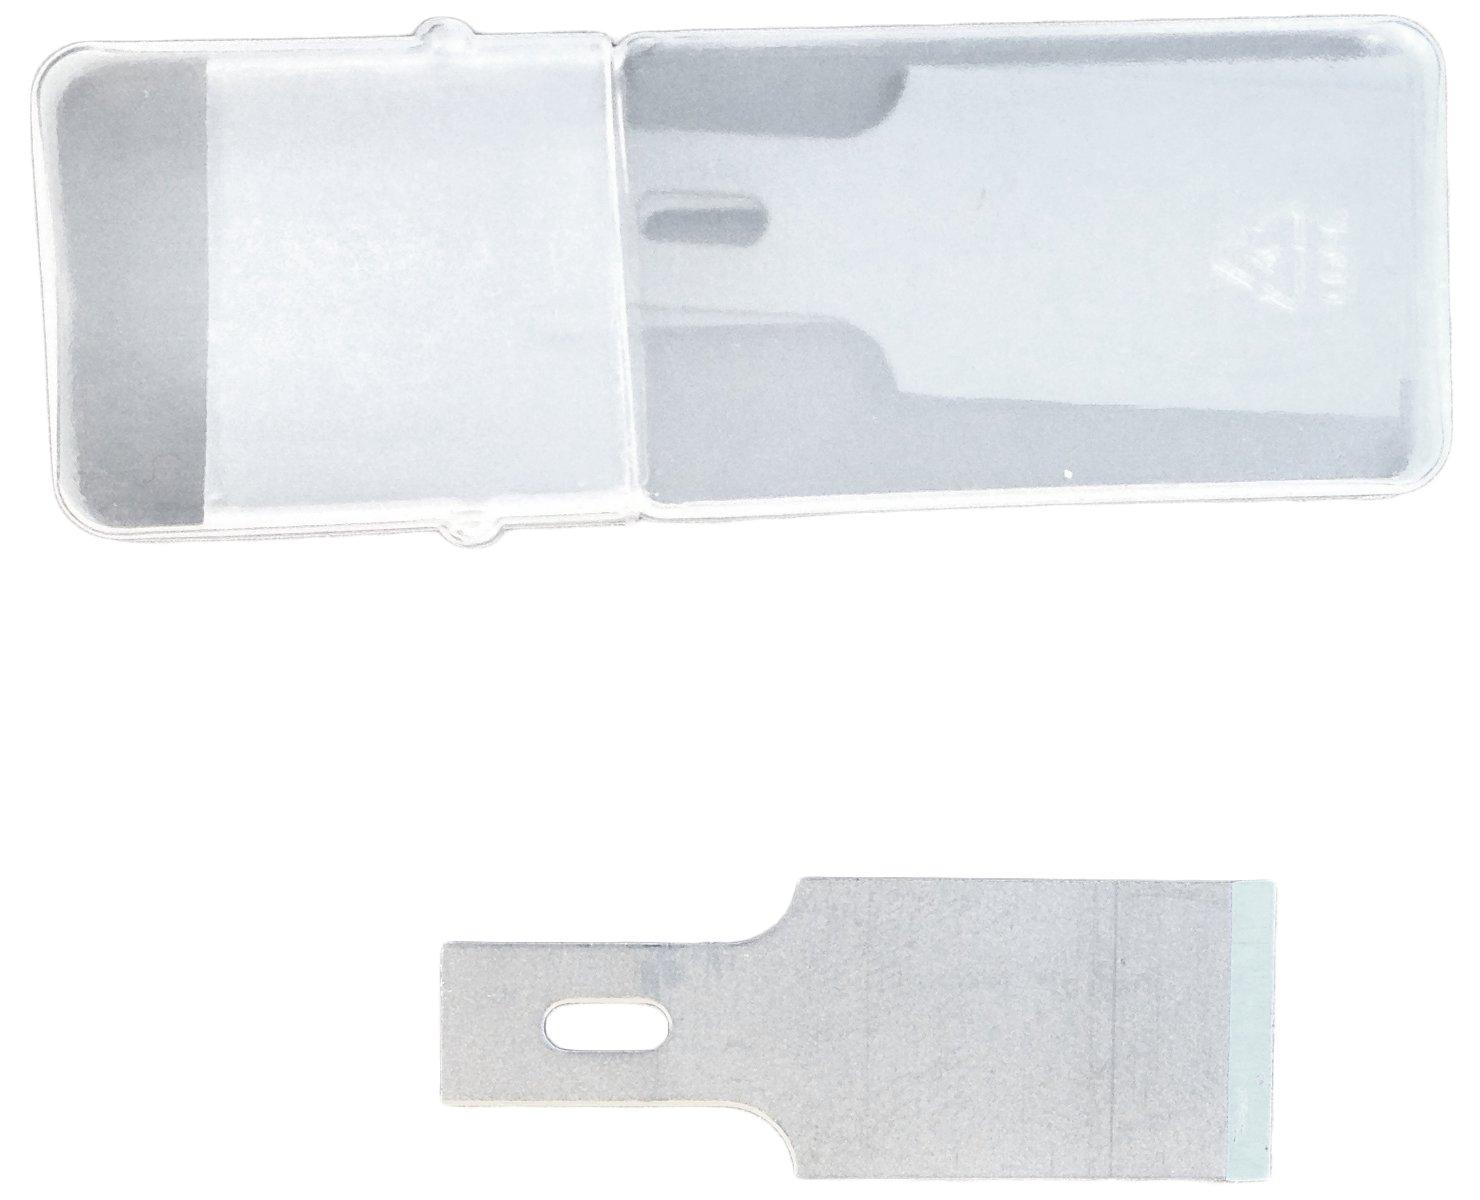 10 Blades for SB Scraper Tool - 16mm